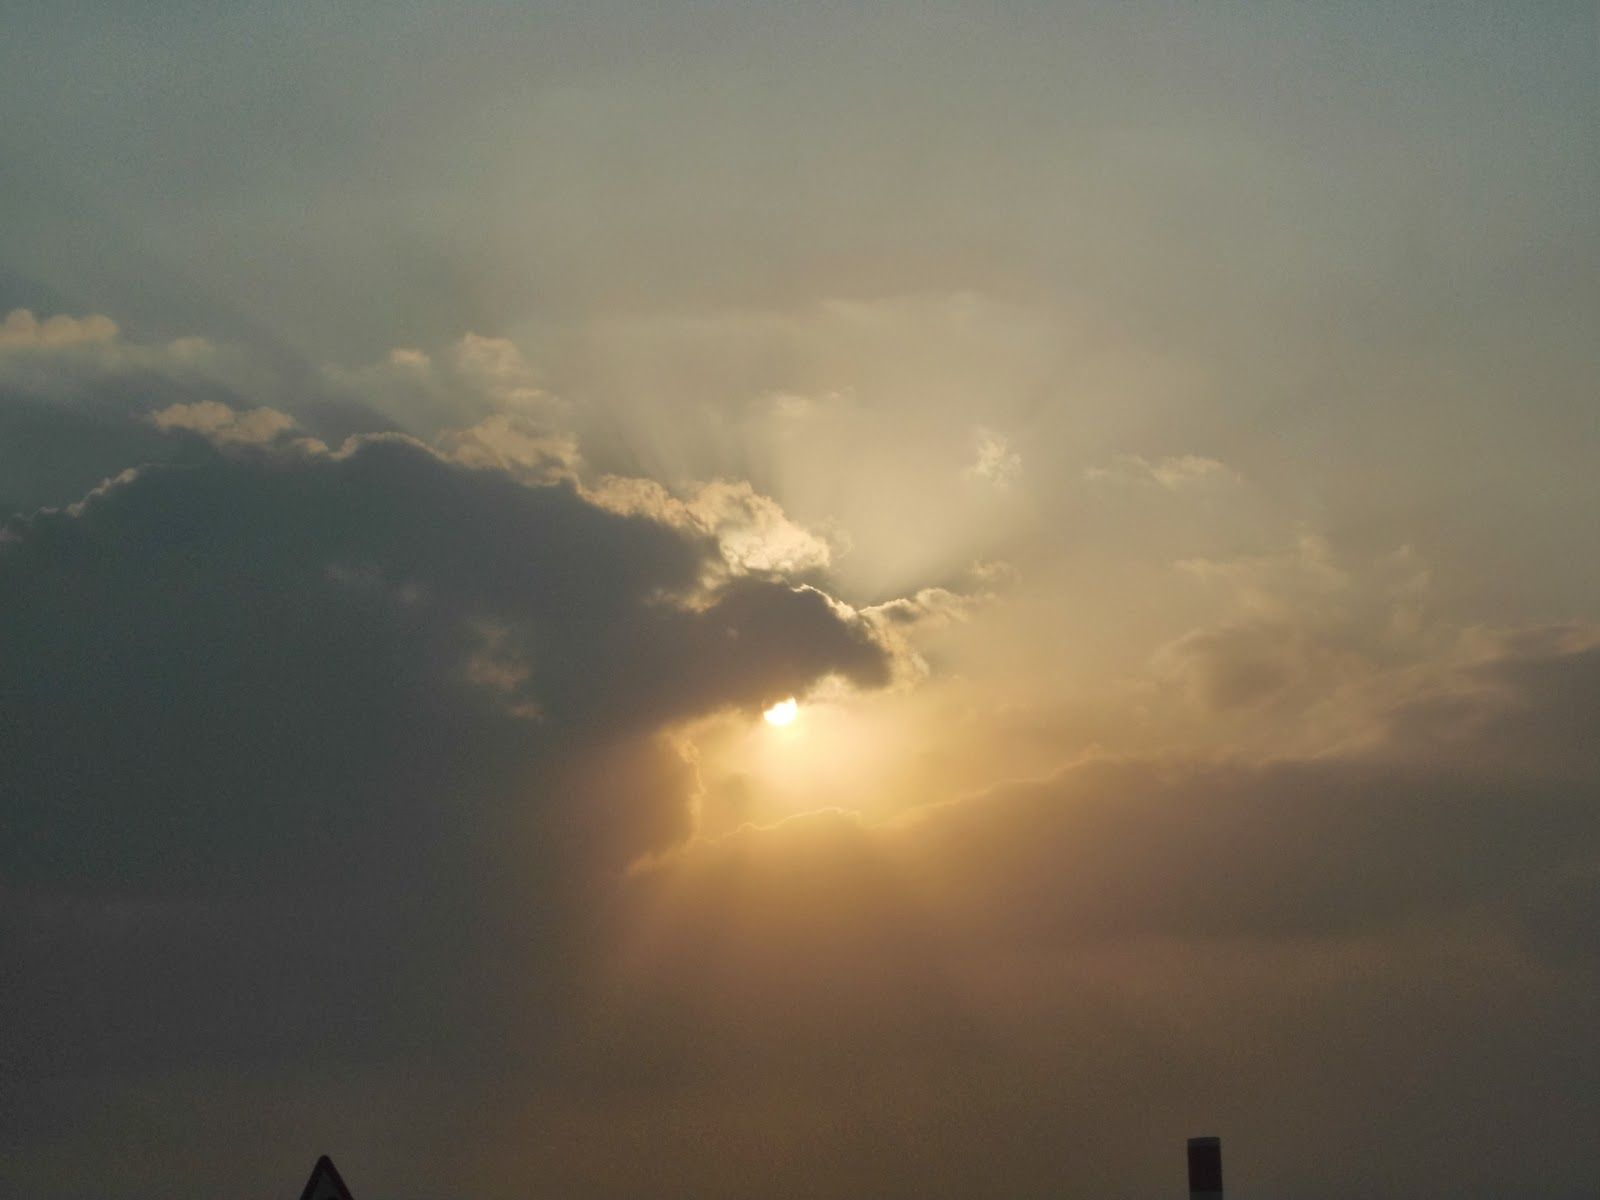 صور للتصاميم عالية الجودة Outdoor Clouds Sunset